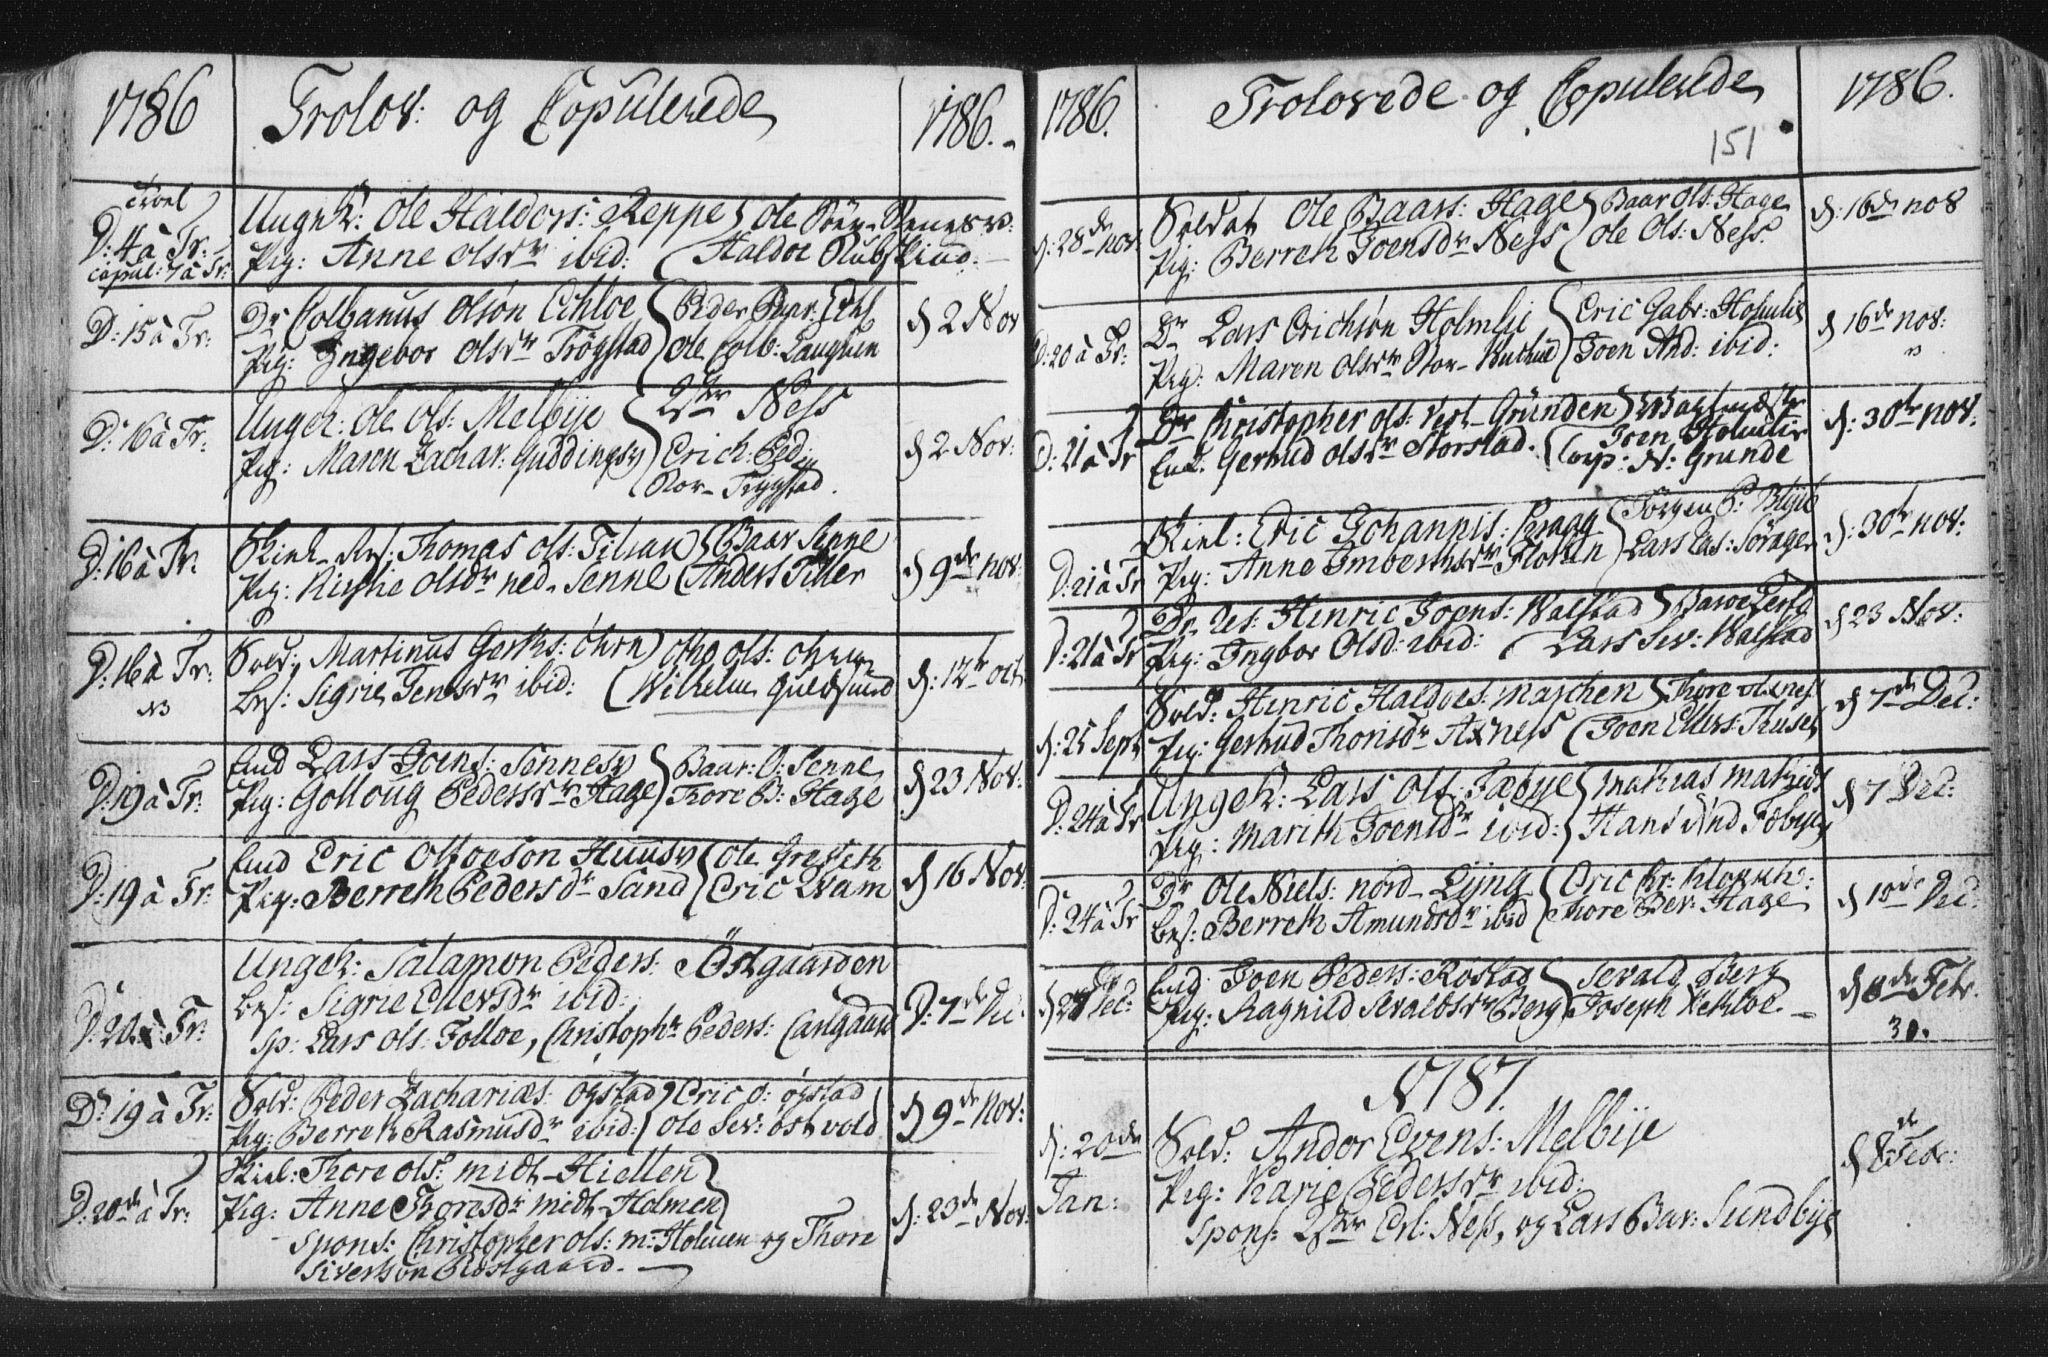 SAT, Ministerialprotokoller, klokkerbøker og fødselsregistre - Nord-Trøndelag, 723/L0232: Ministerialbok nr. 723A03, 1781-1804, s. 151